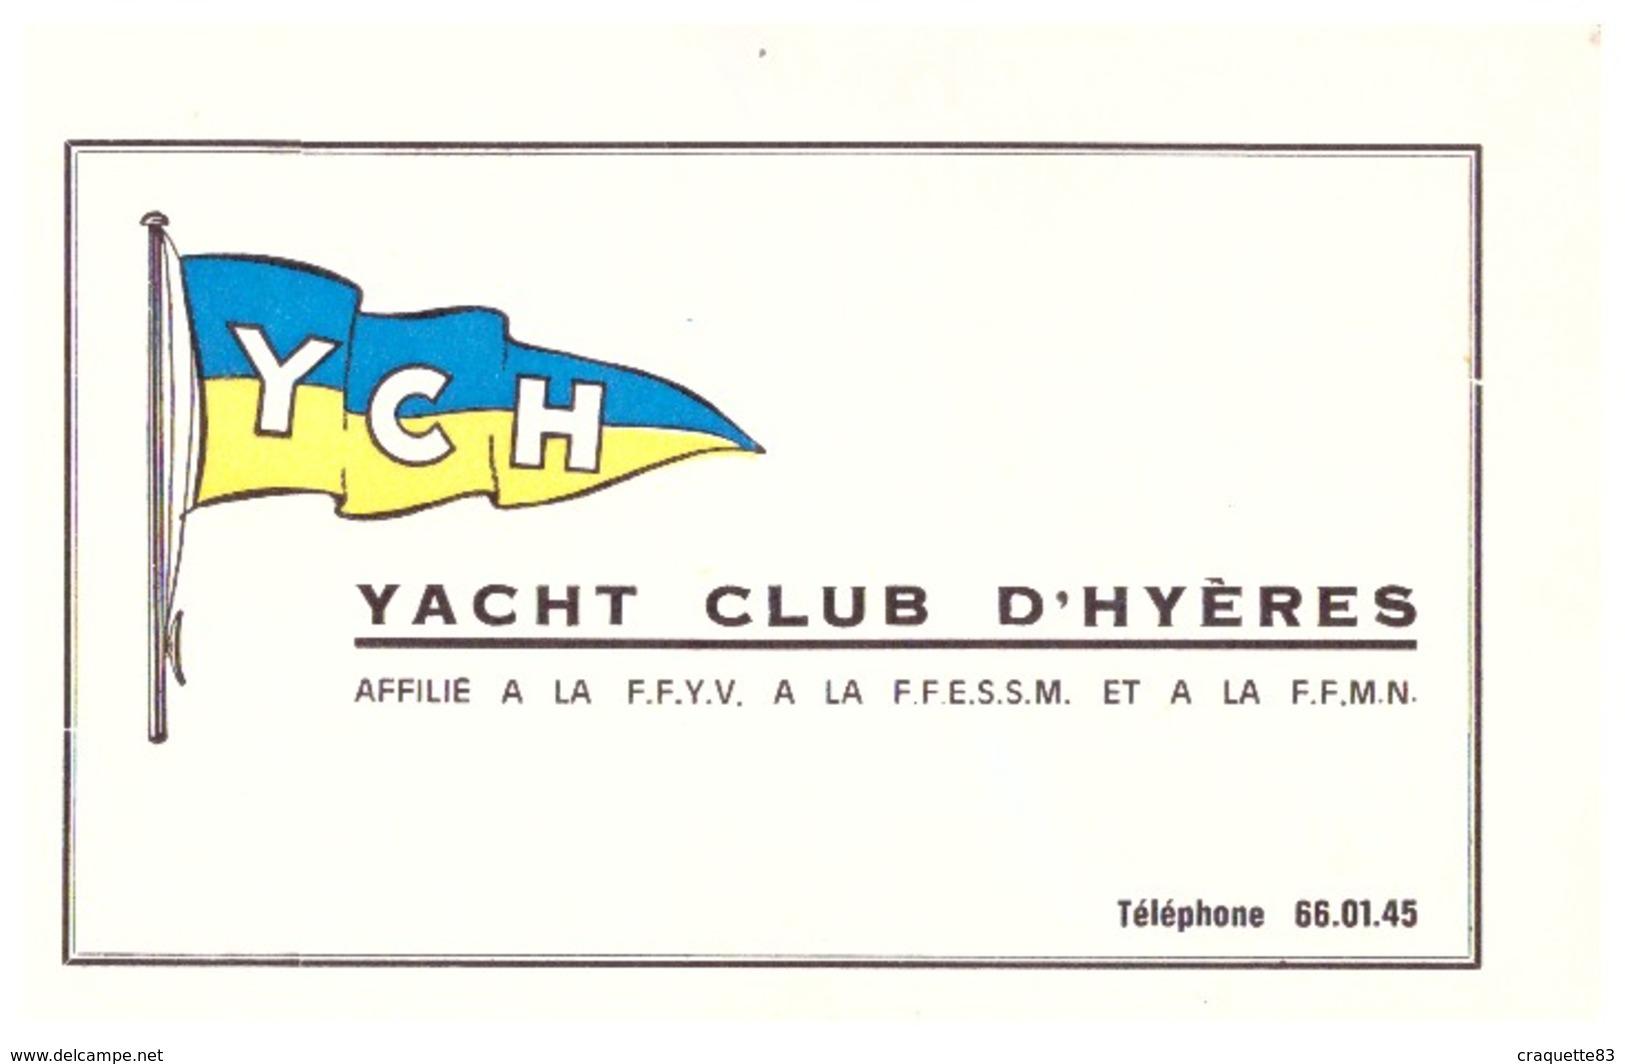 CARTE DE MEMBRE -YACHT CLUB D'HYERES  AFFILIE A LA F.F.Y.V. A LA F.F.E.S.S.M. ET LA F.F.M.N.  N°000286  1976 - Cartes